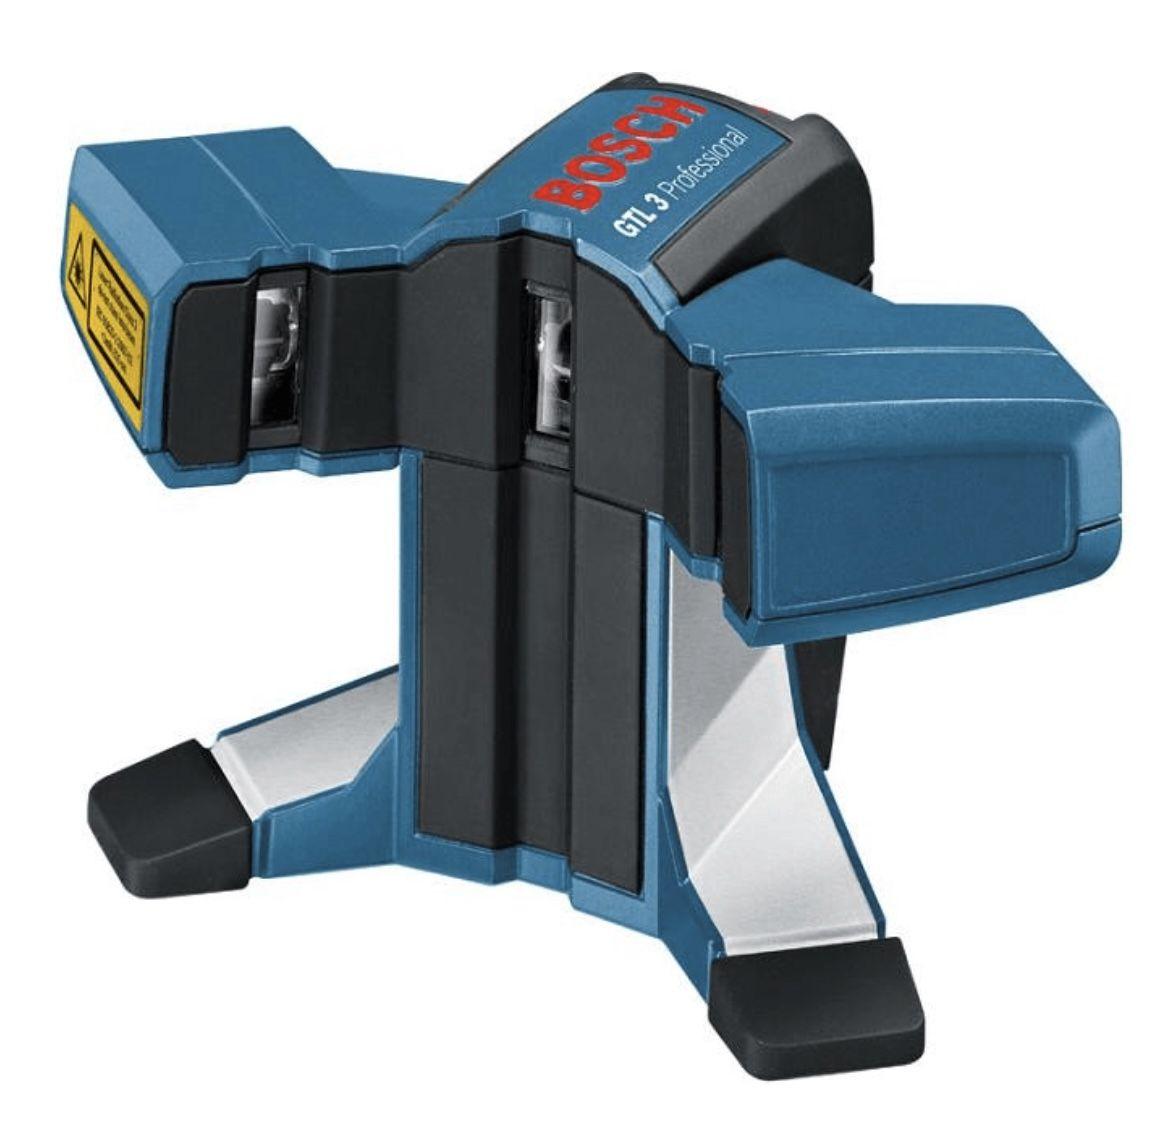 Bosch GTL 3 Professional Fliesenlaser für 102,29€ (statt 130€)